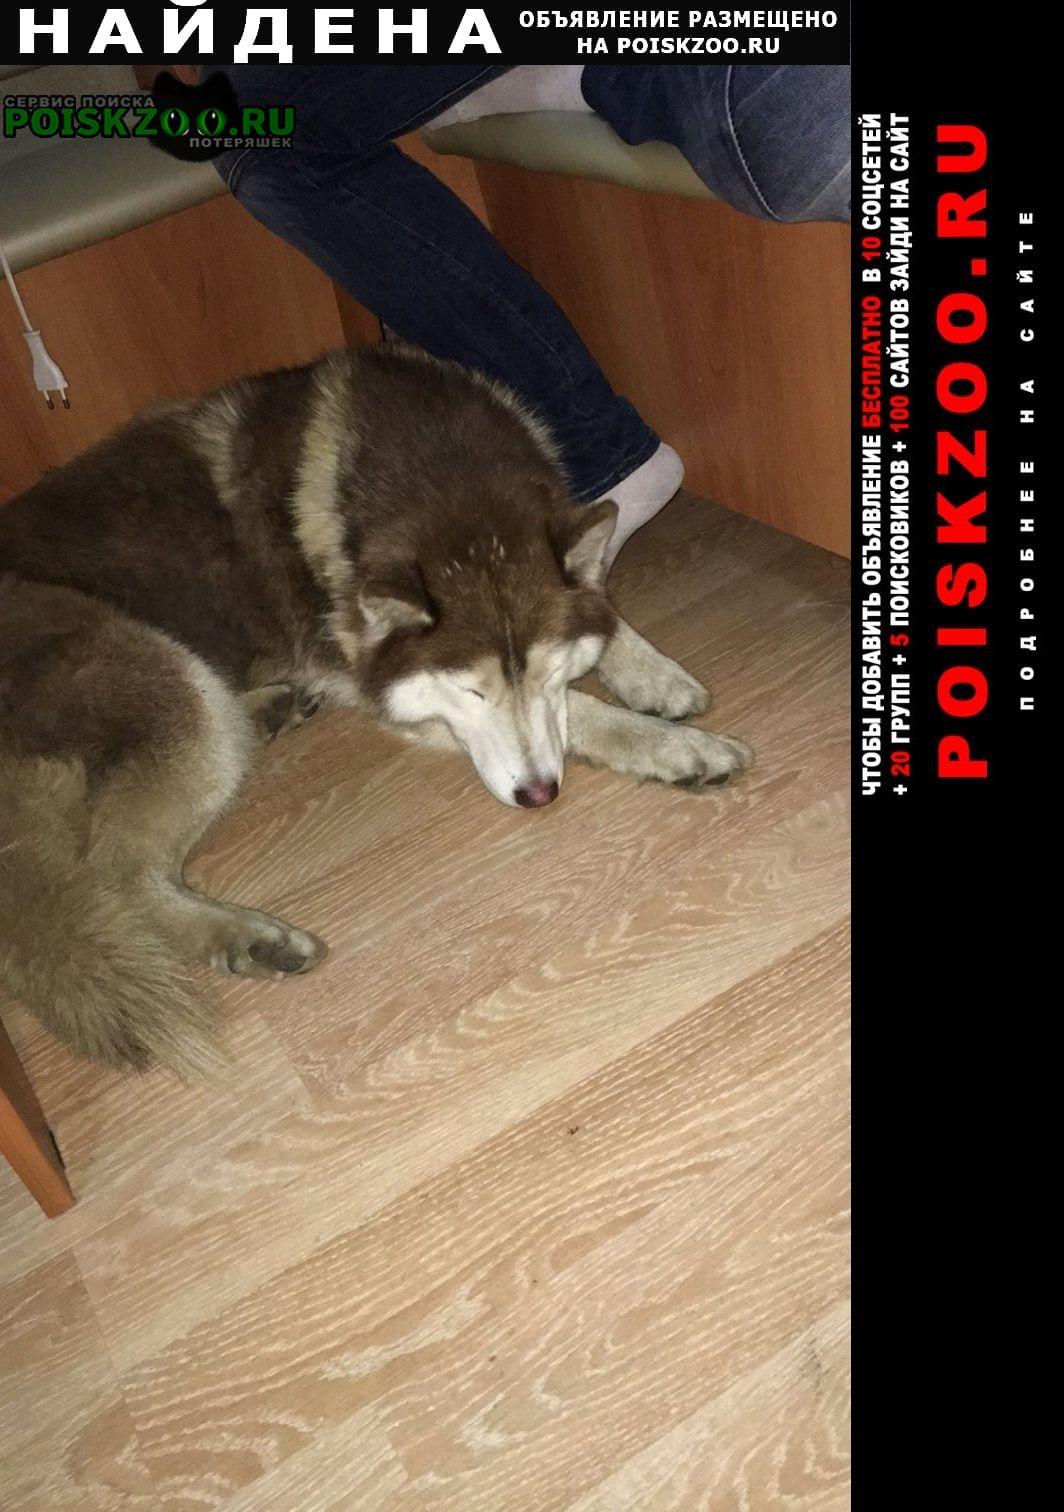 Найдена собака сормово, Нижний Новгород